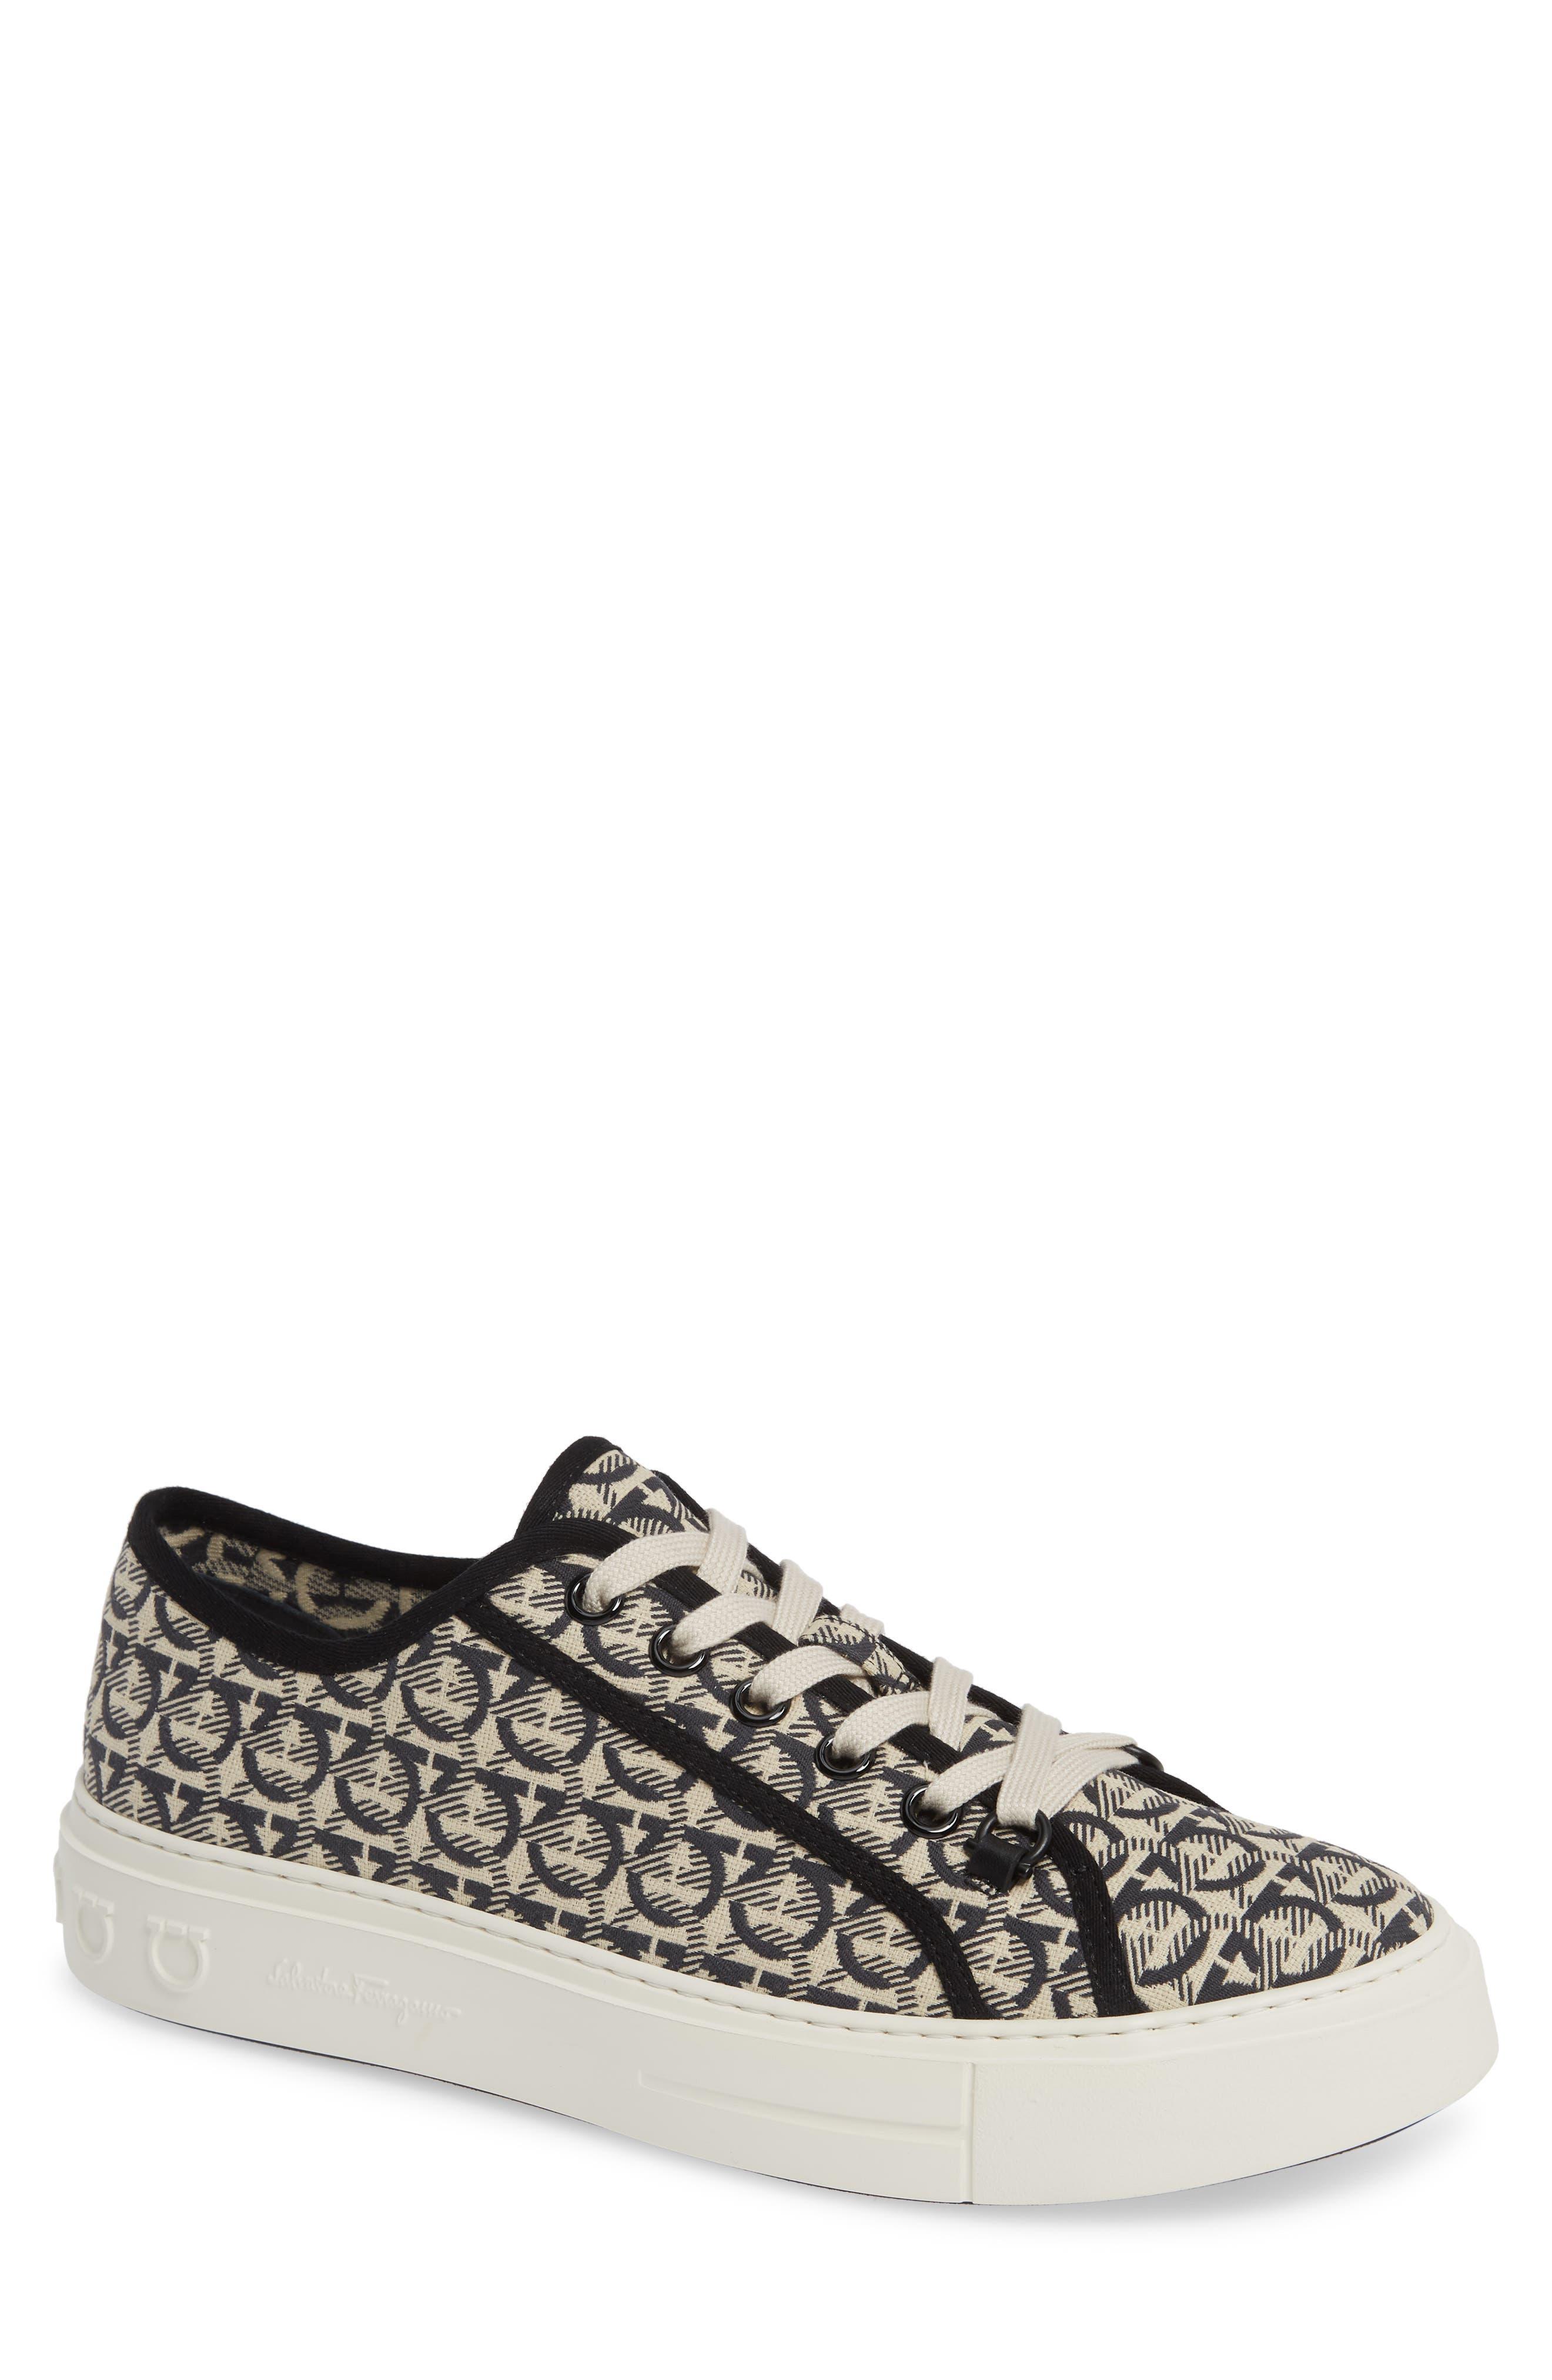 Anson Sneaker, Main, color, BEIGE/NERO